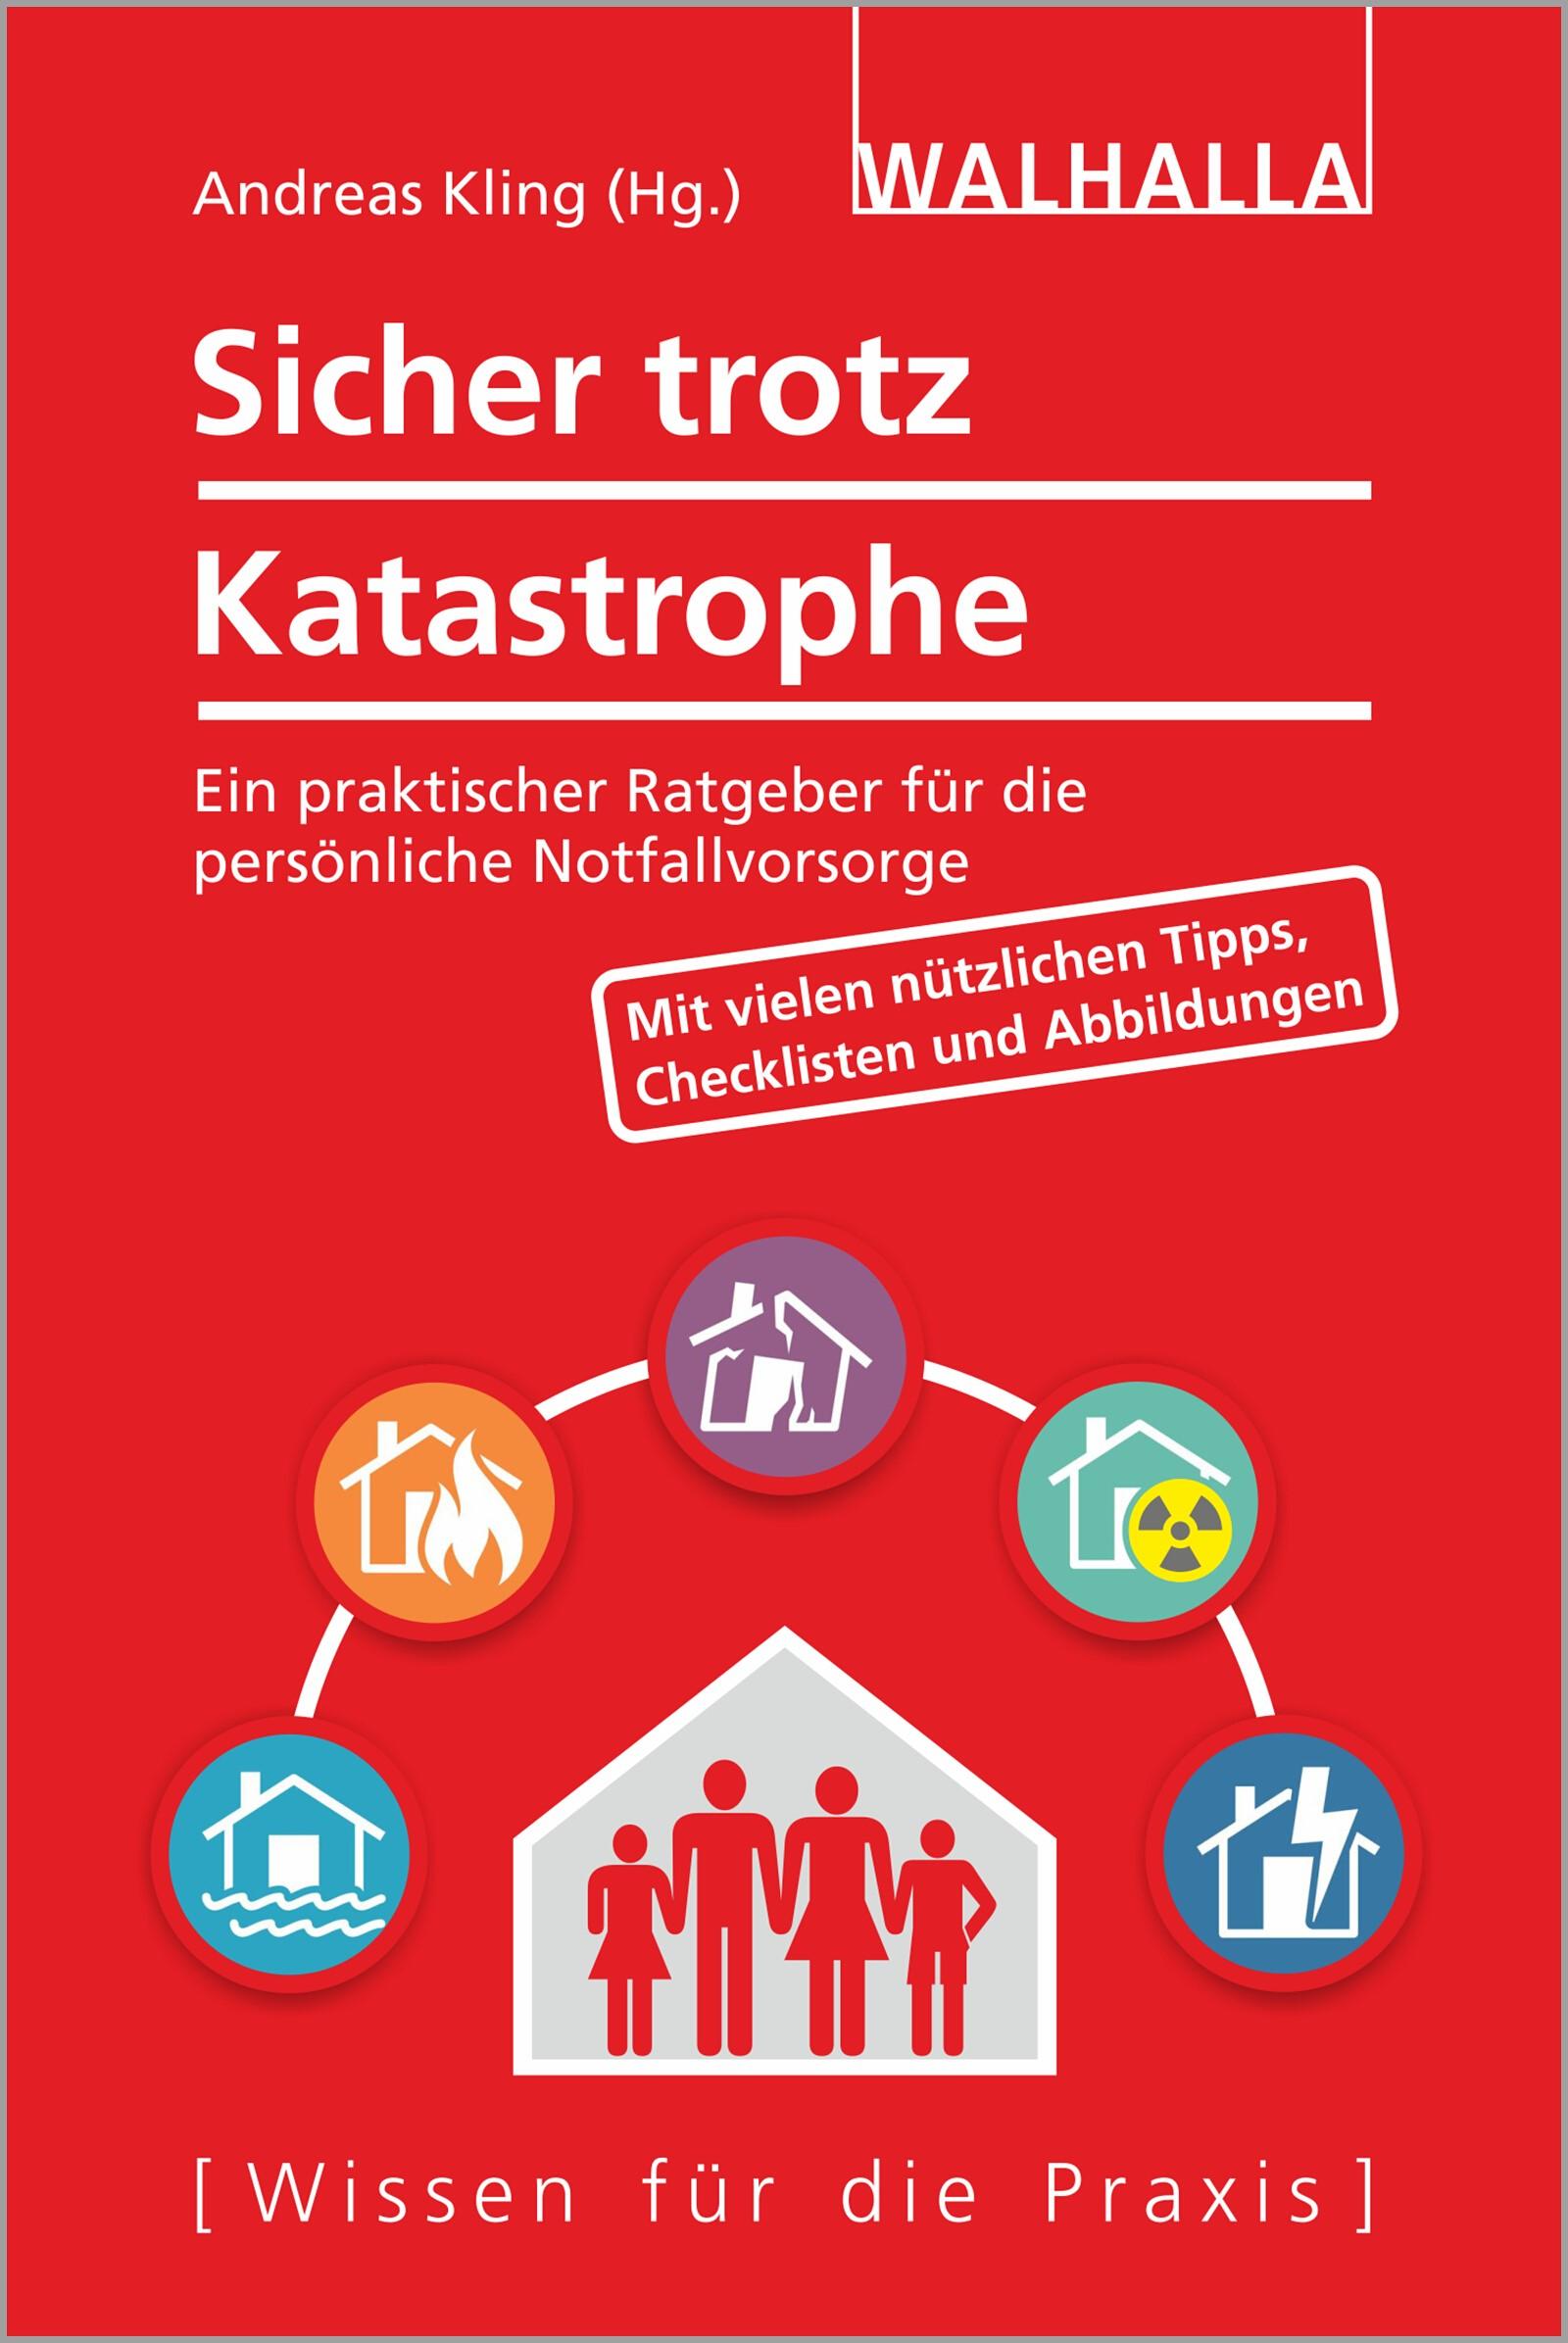 Persönliche Notfallvorsorge: Überleben zu Hause | Kling (Hrsg.), 2017 | Buch (Cover)